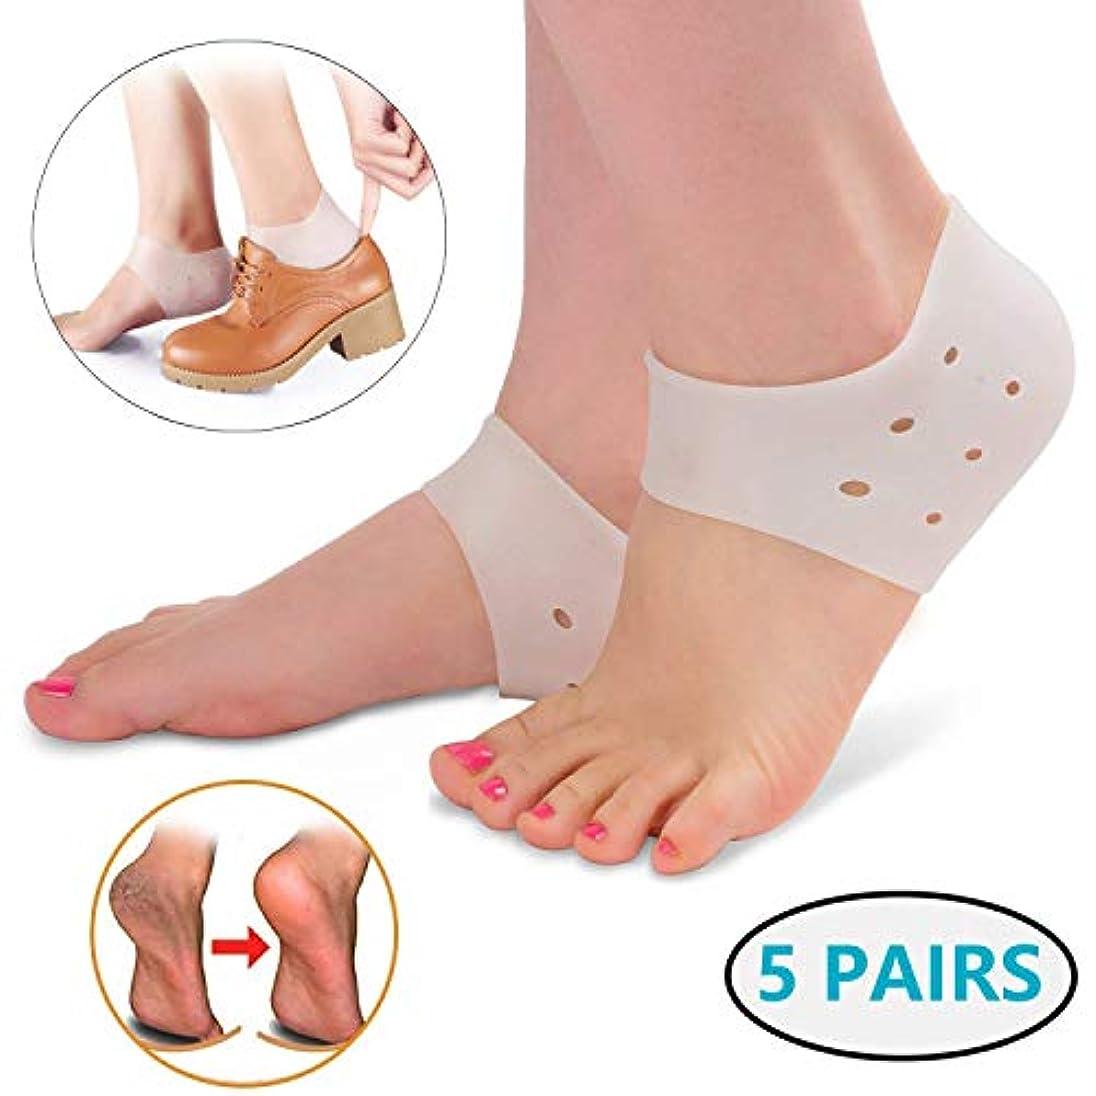 に対応現代の政令足底筋膜炎のヒールカップ-ヒールの痛みのためのゲルヒールパッドクッション、男性と女性のための乾燥したひびの入ったヒールとアキレス腱炎(5ペア)